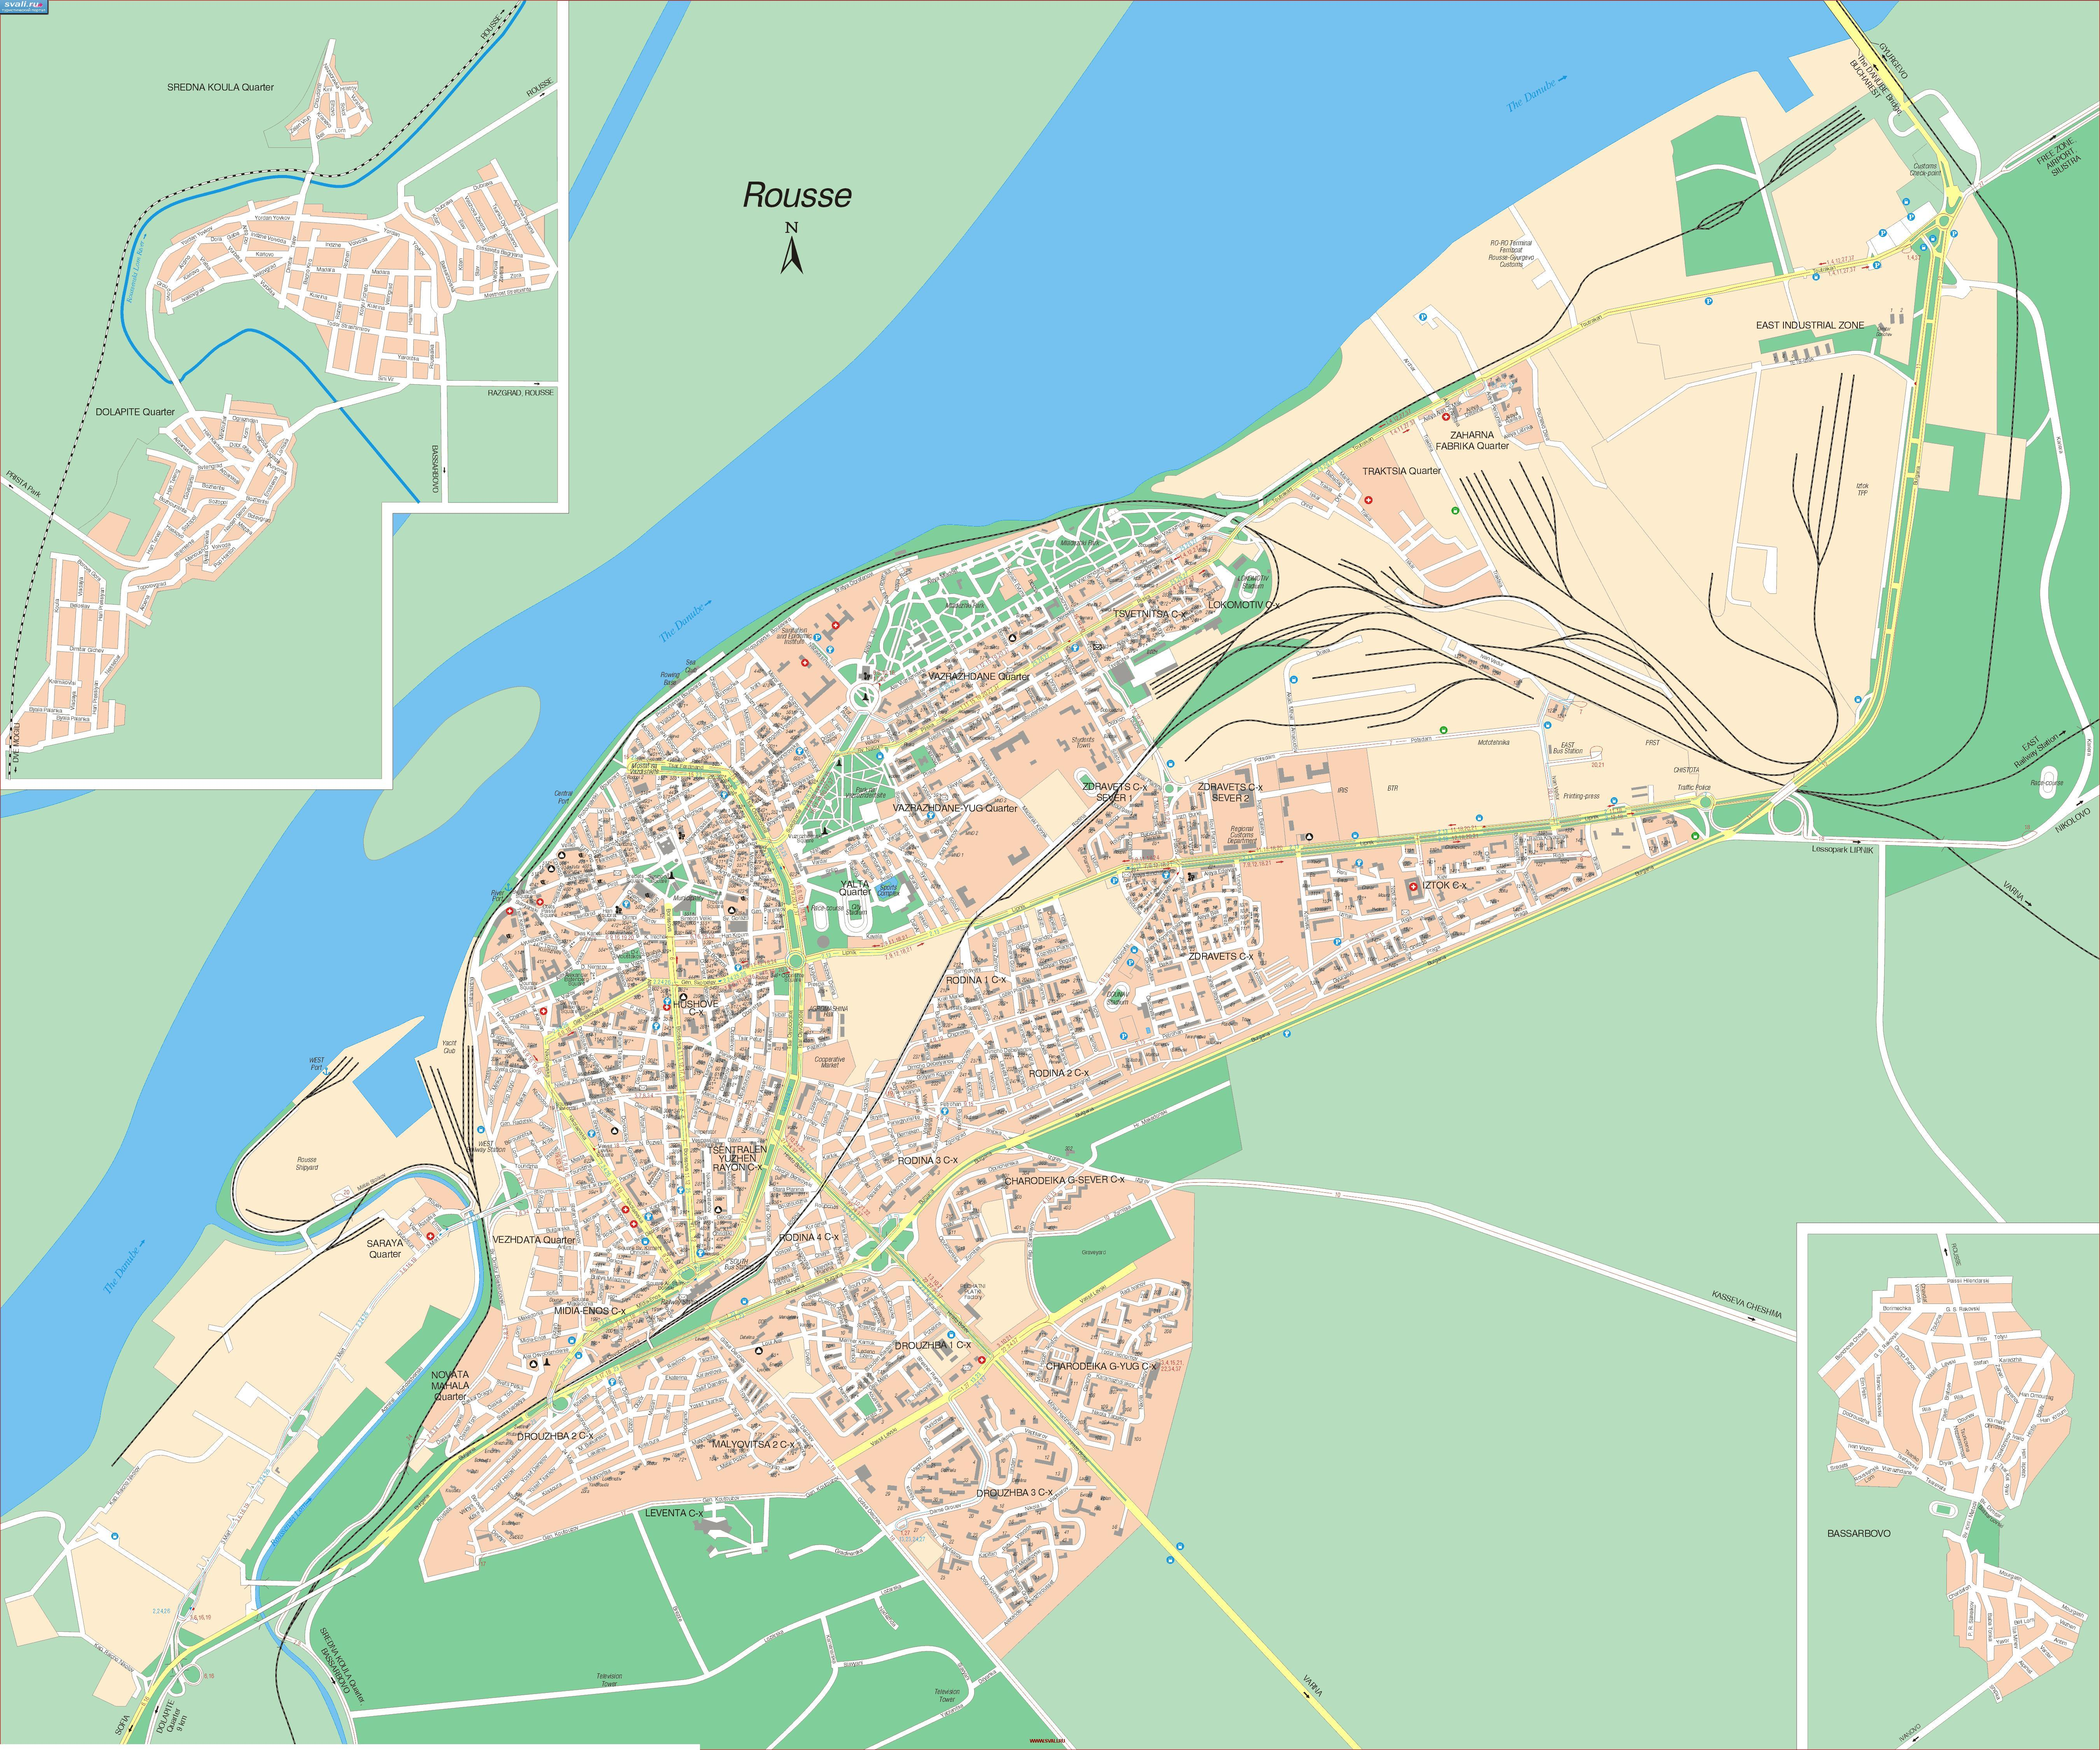 Karty Bolgariya Detalnaya Karta Ruse Angl Bolgariya